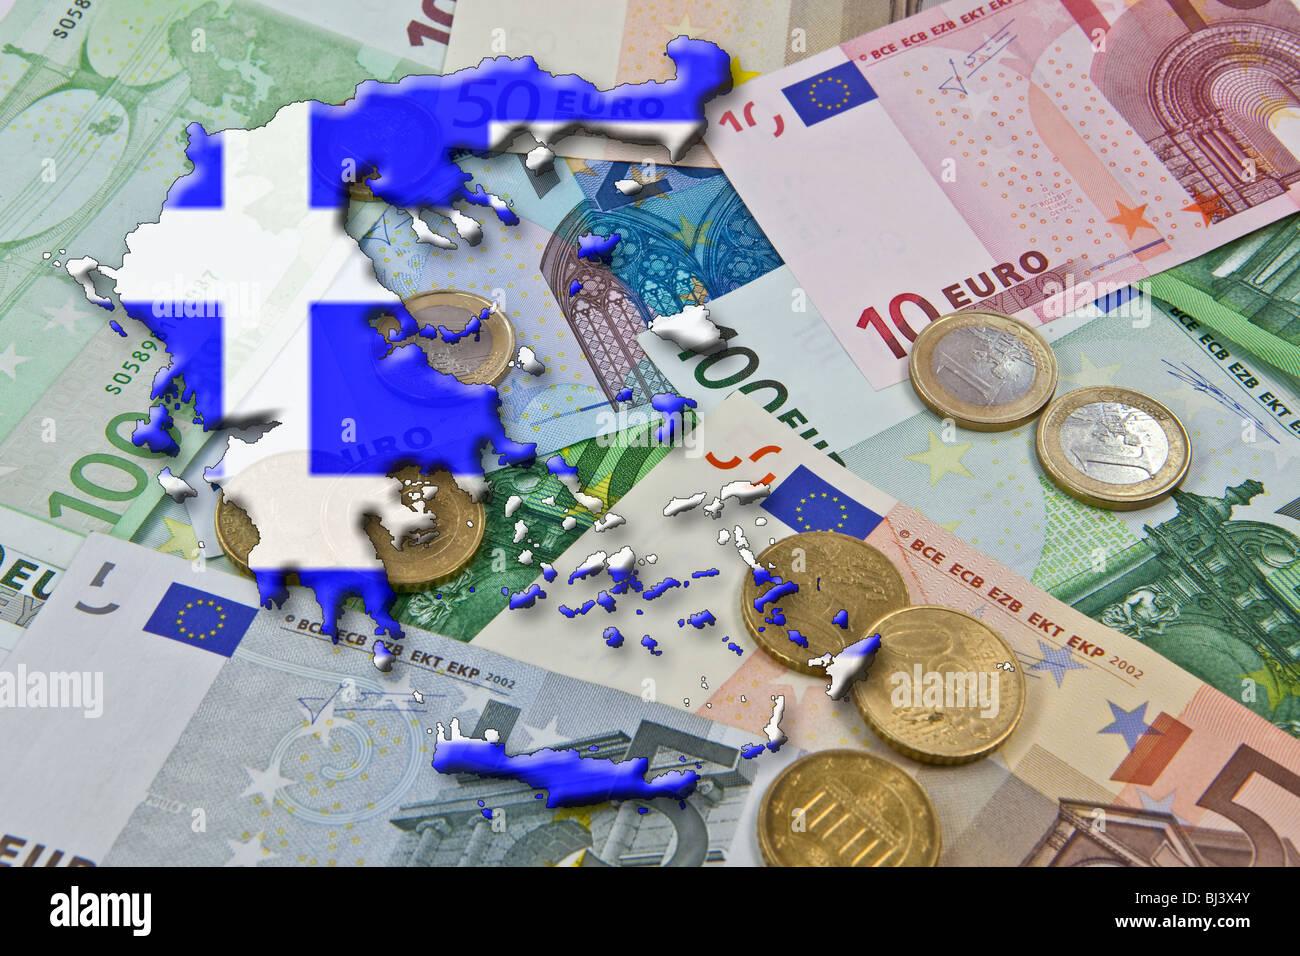 """Euro et pacte de stabilité de l'euro, la Grèce, la Grèce comme un """"déficit d'euros pécheur' Banque D'Images"""